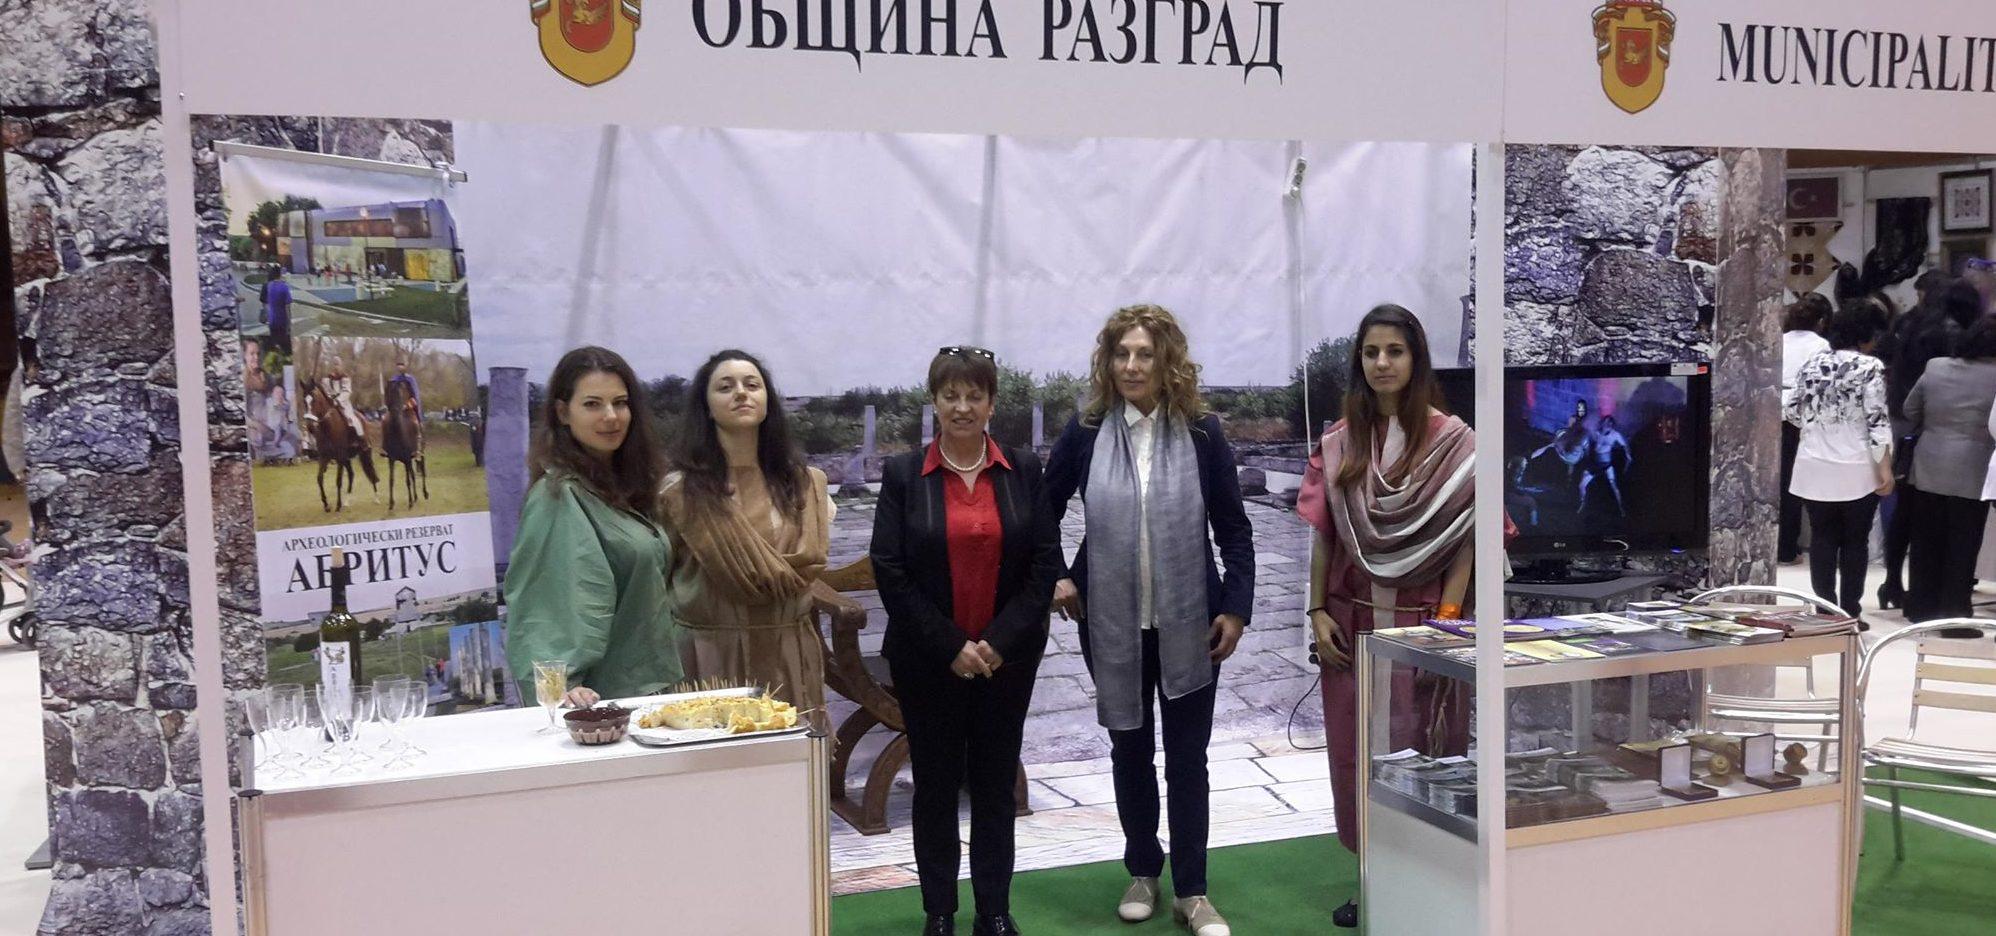 Община Разград с Почетен диплом от Международен форум  ...